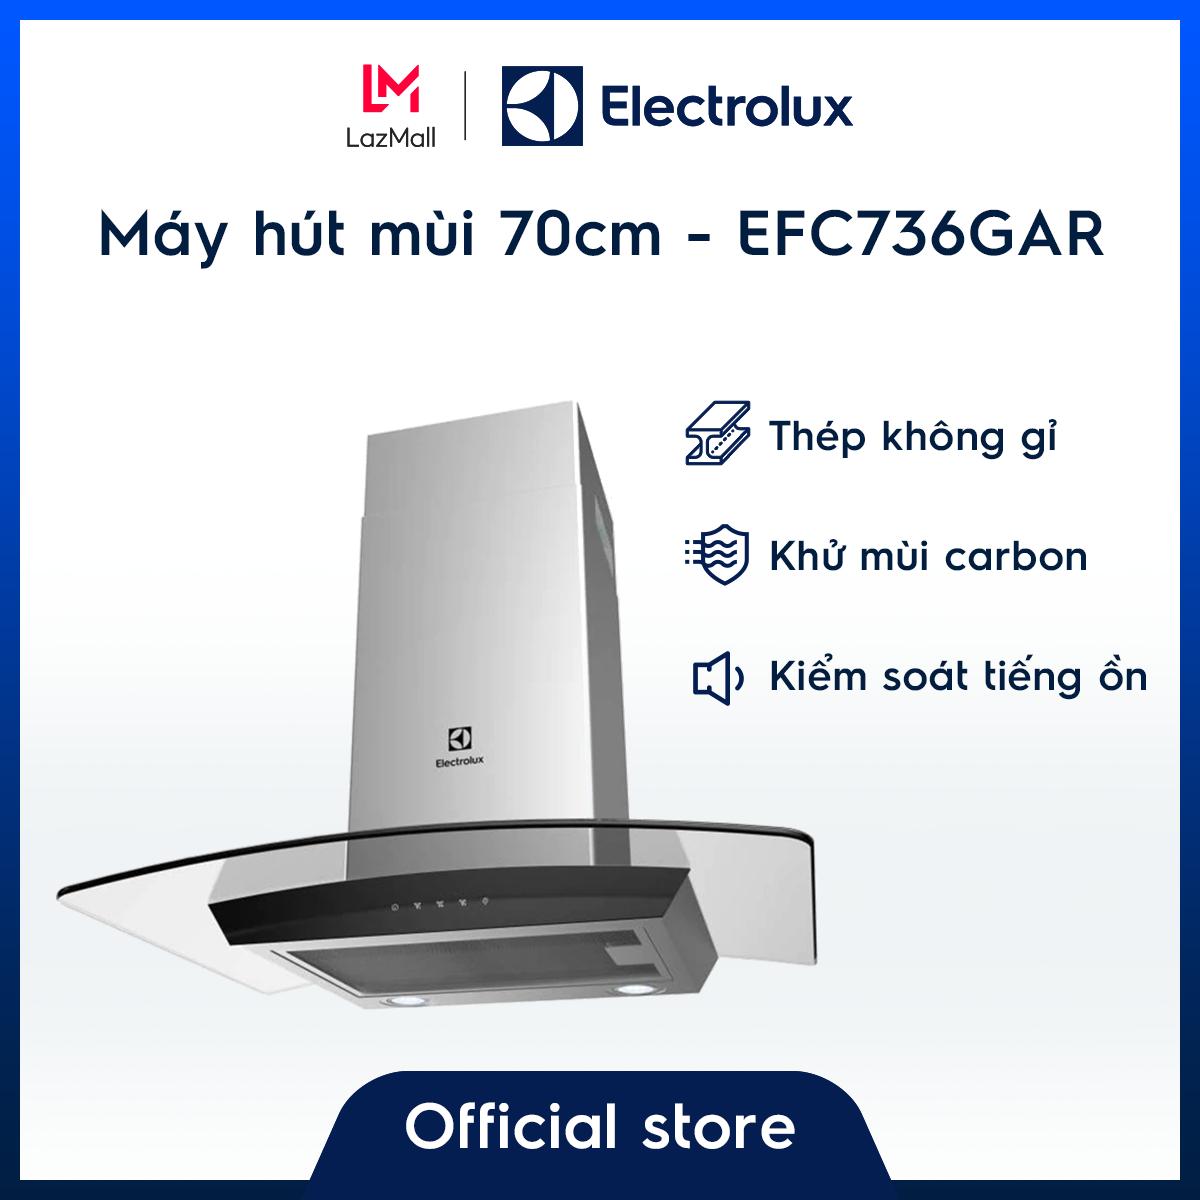 Máy hút mùi gắn tường 70cm Electrolux EFC736GAR – Thiết kế sang trọng – Bộ lọc đa lớp – Hàng chính hãng